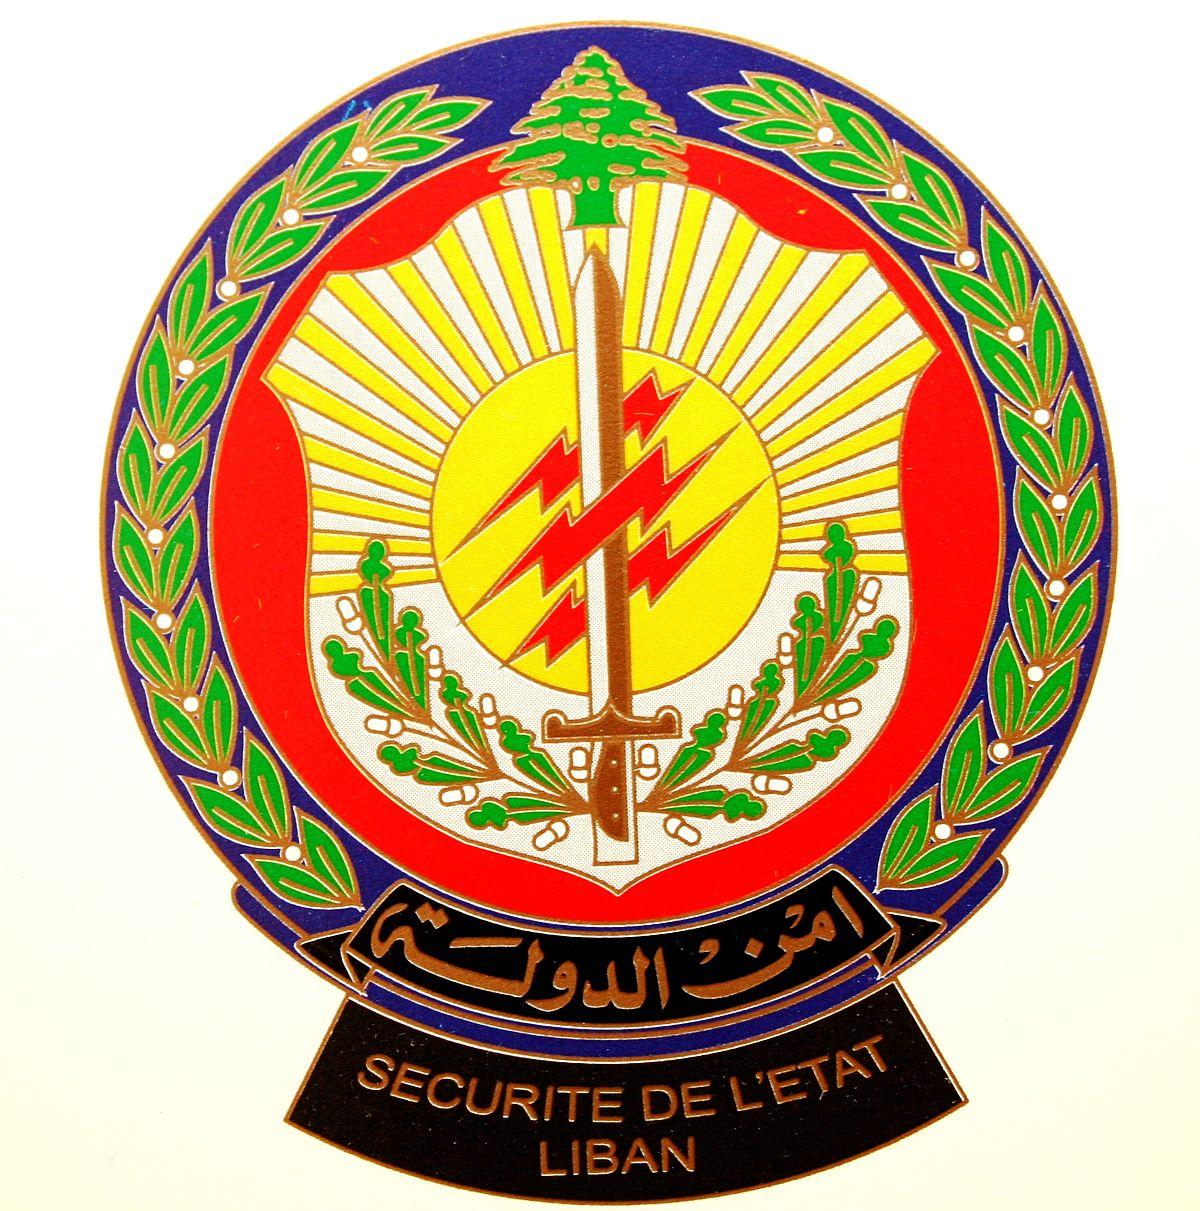 المديرية العامة لأمن الدولة ويكيبيديا